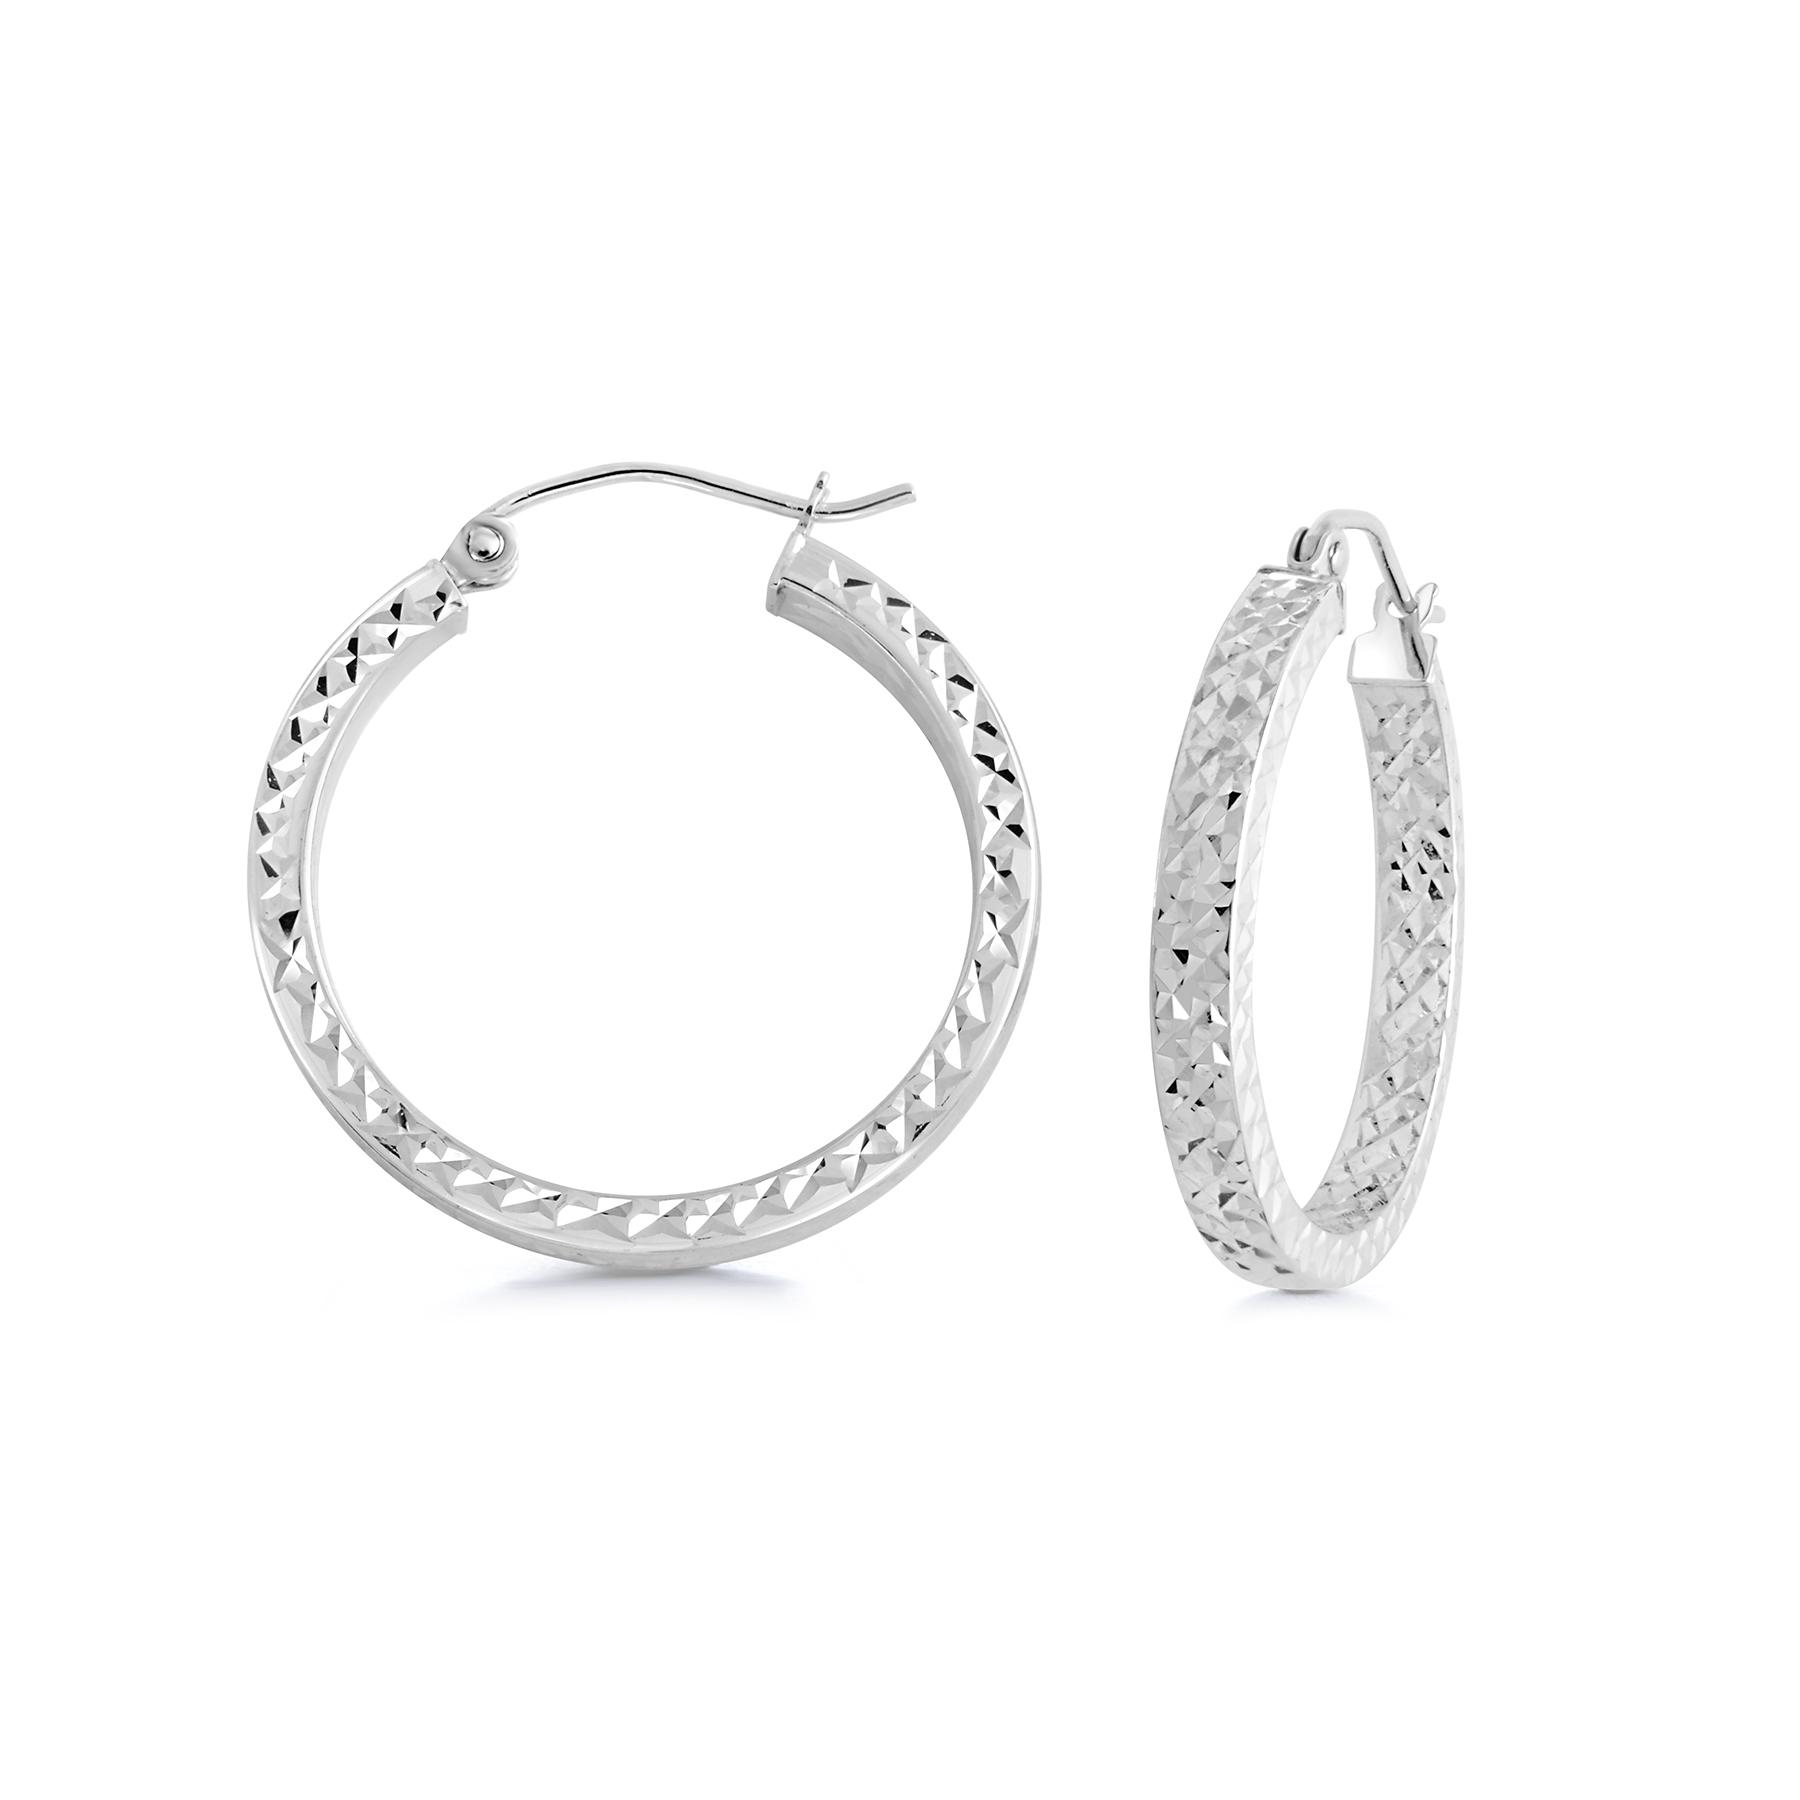 Boucles d'oreilles anneaux - Or blanc 10K